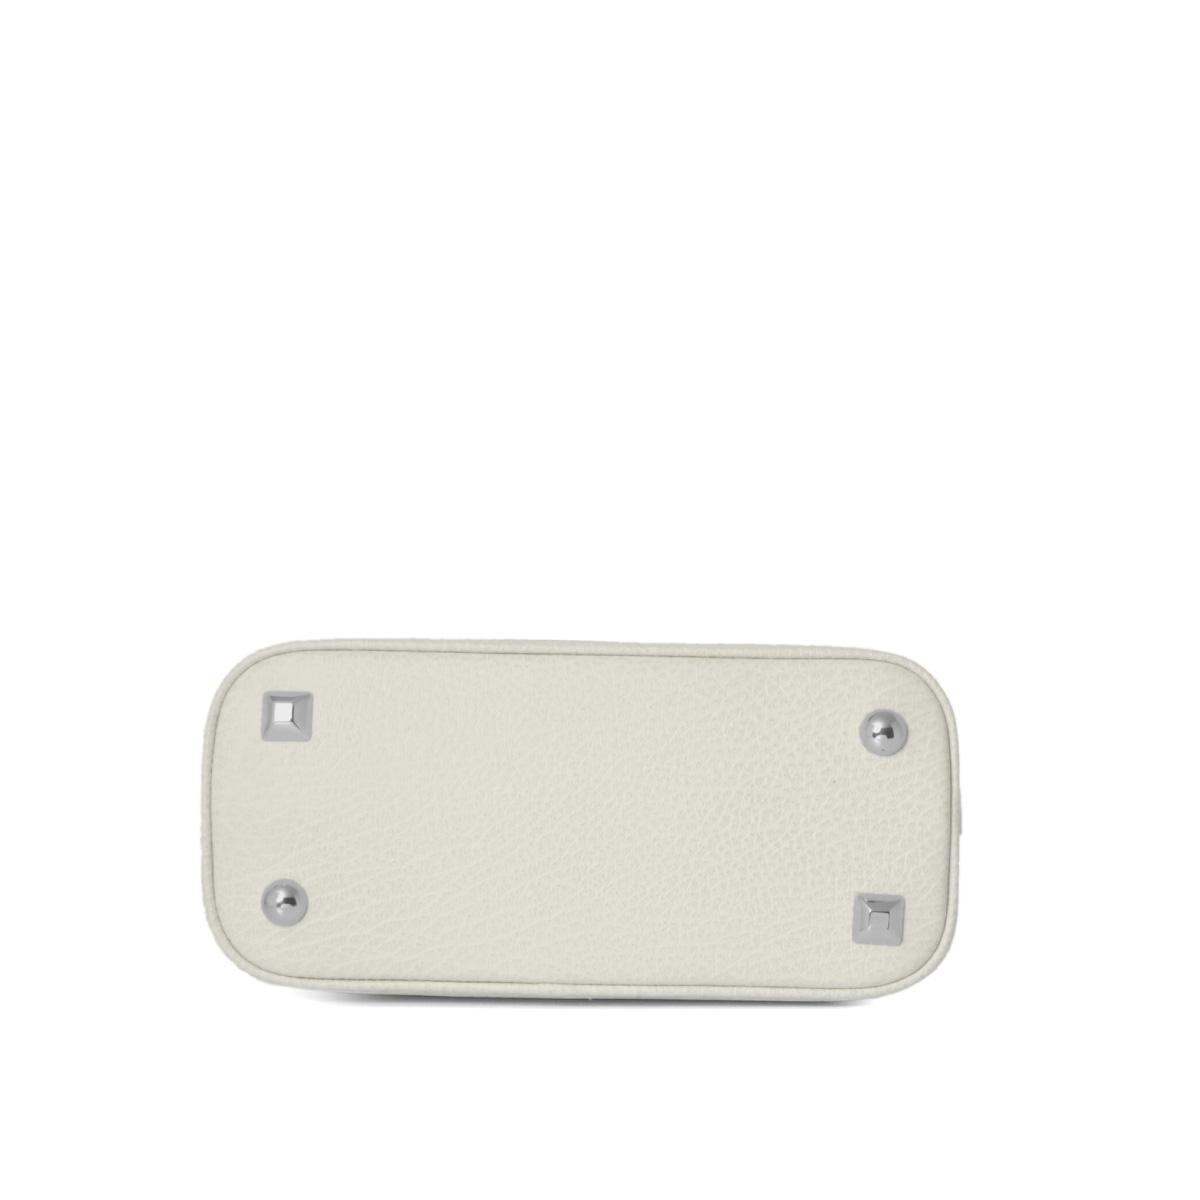 MAISON MARGIELA メゾン マルジェラ | ライン11 ショルダー付 ハンドバッグ マイクロ | 5AC ファイブエーシー